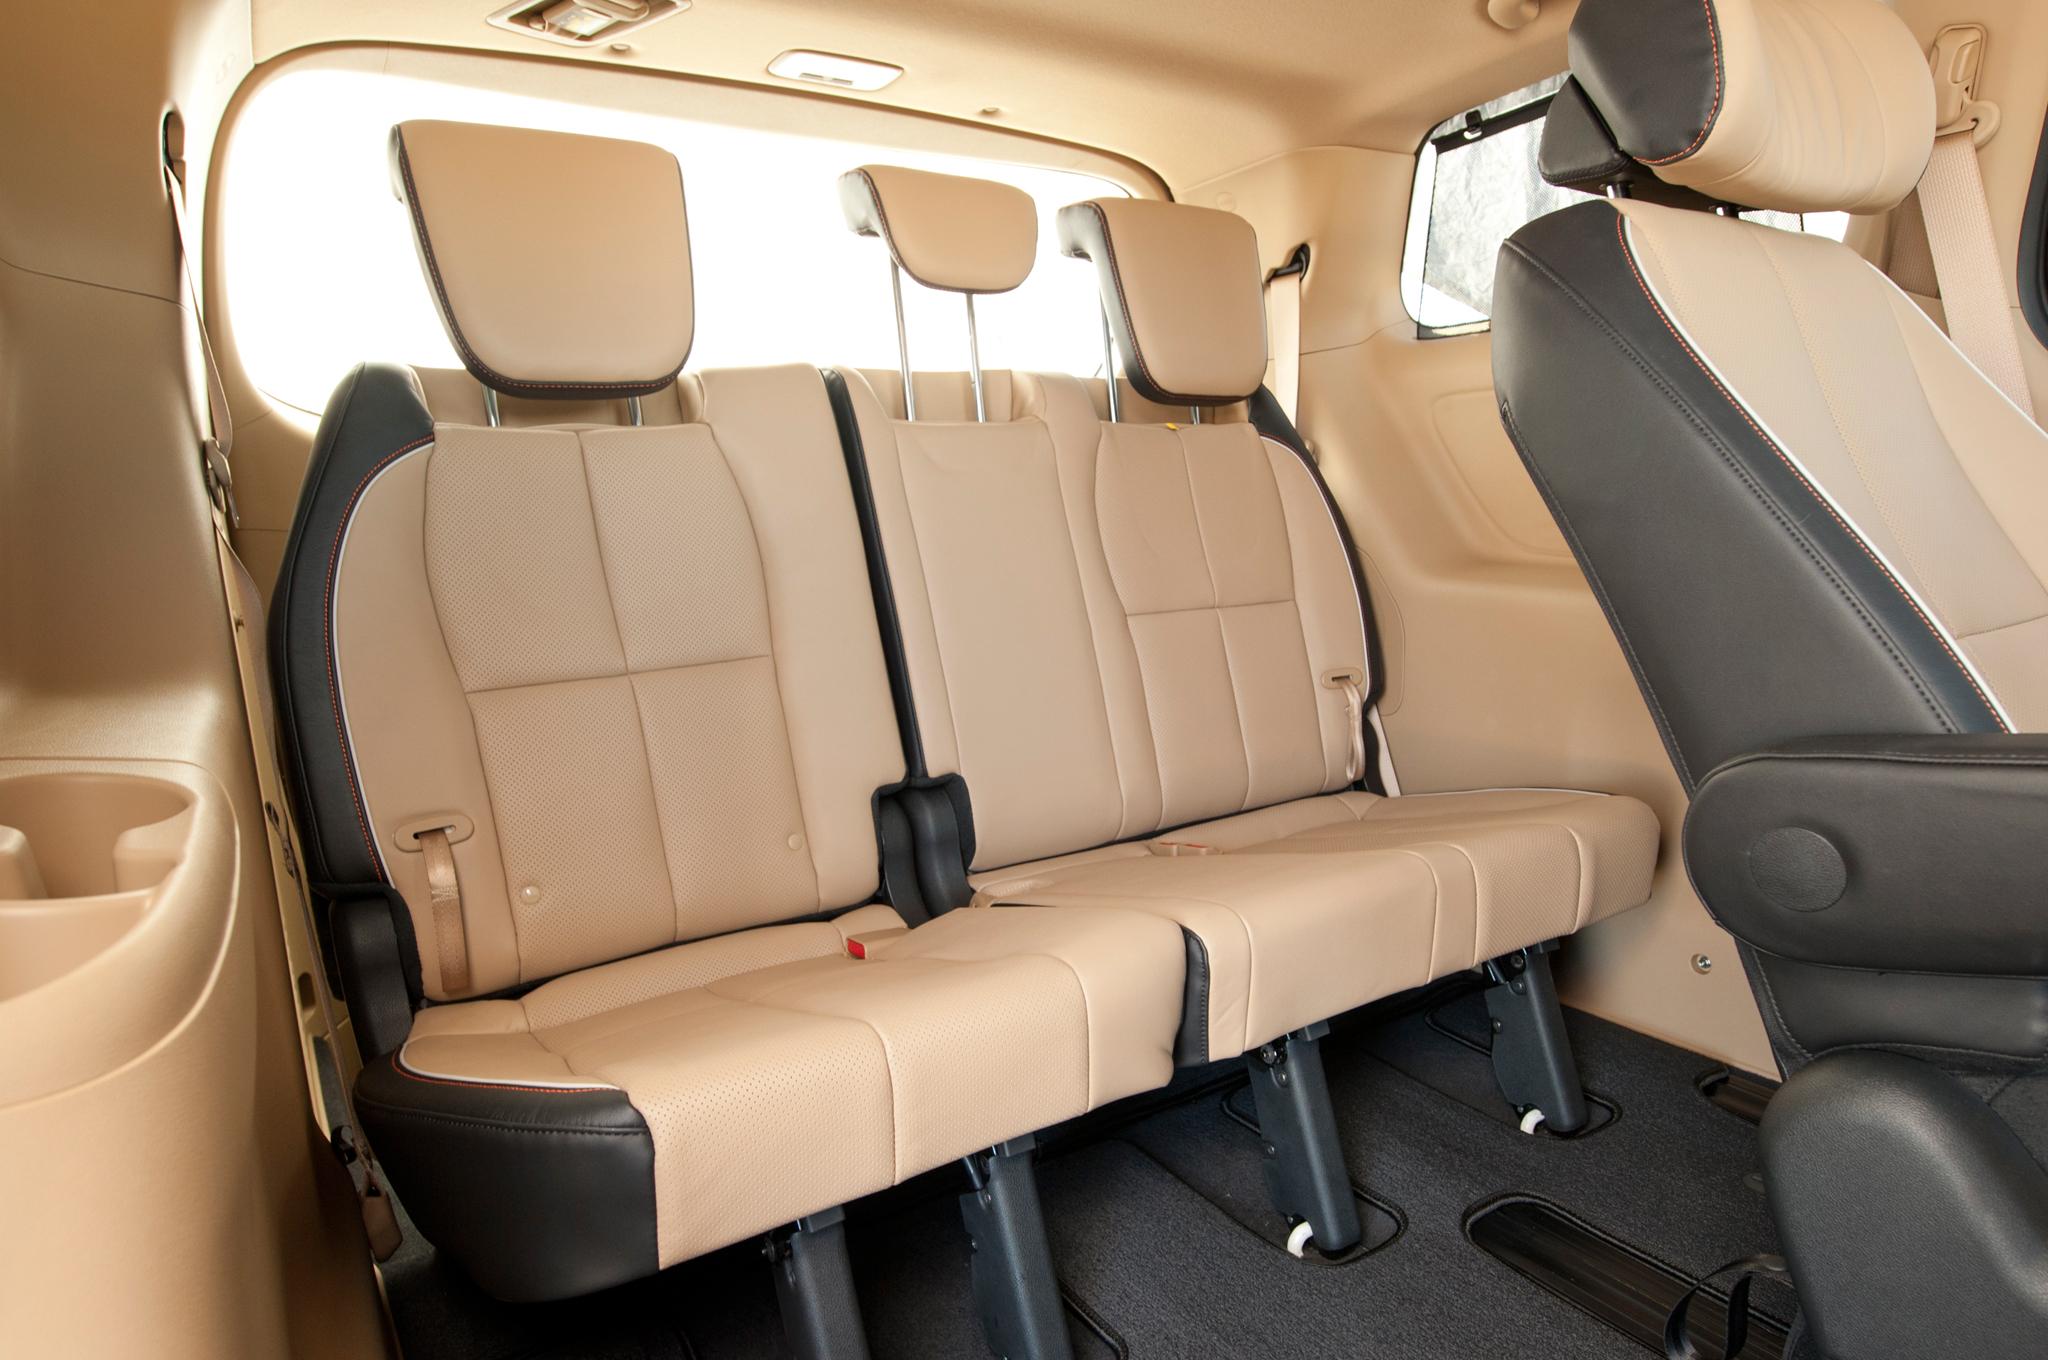 New 2015 Kia Sedona Rear Seats